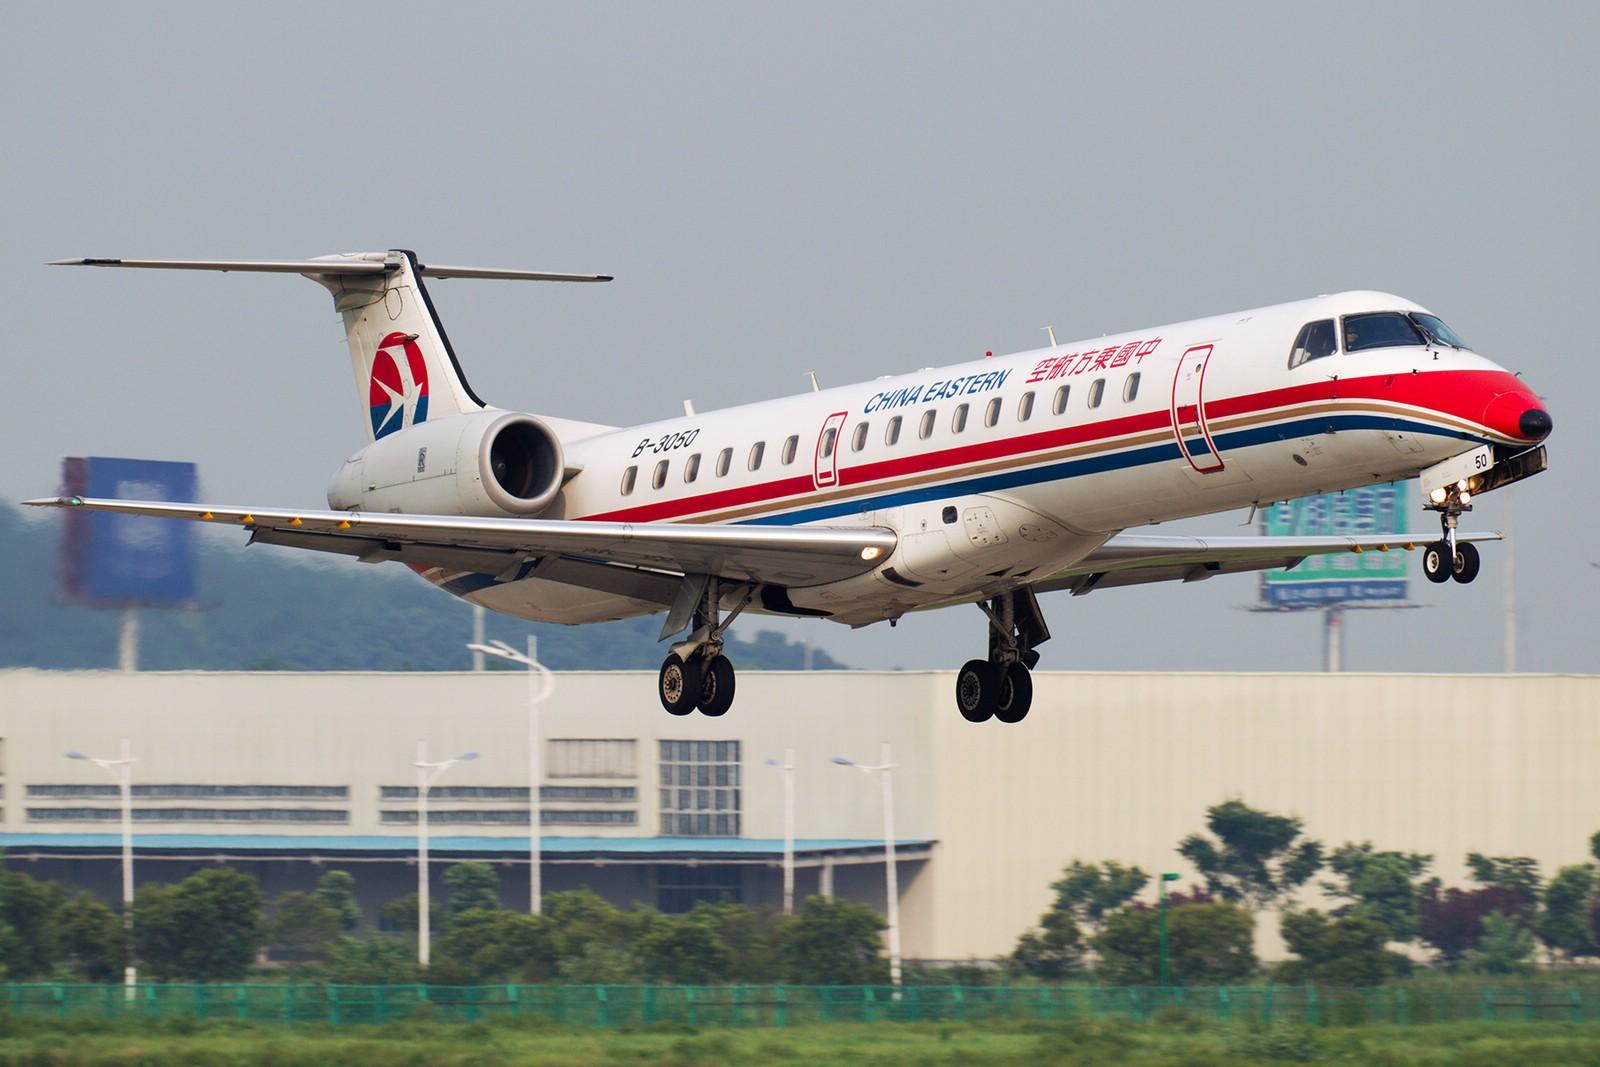 [原创]【BLDDQ】******半个月了,始终没等来阳光,报报二毛一来那天的流水账吧****** EMBRAER ERJ-145 B-3050 中国南京禄口机场